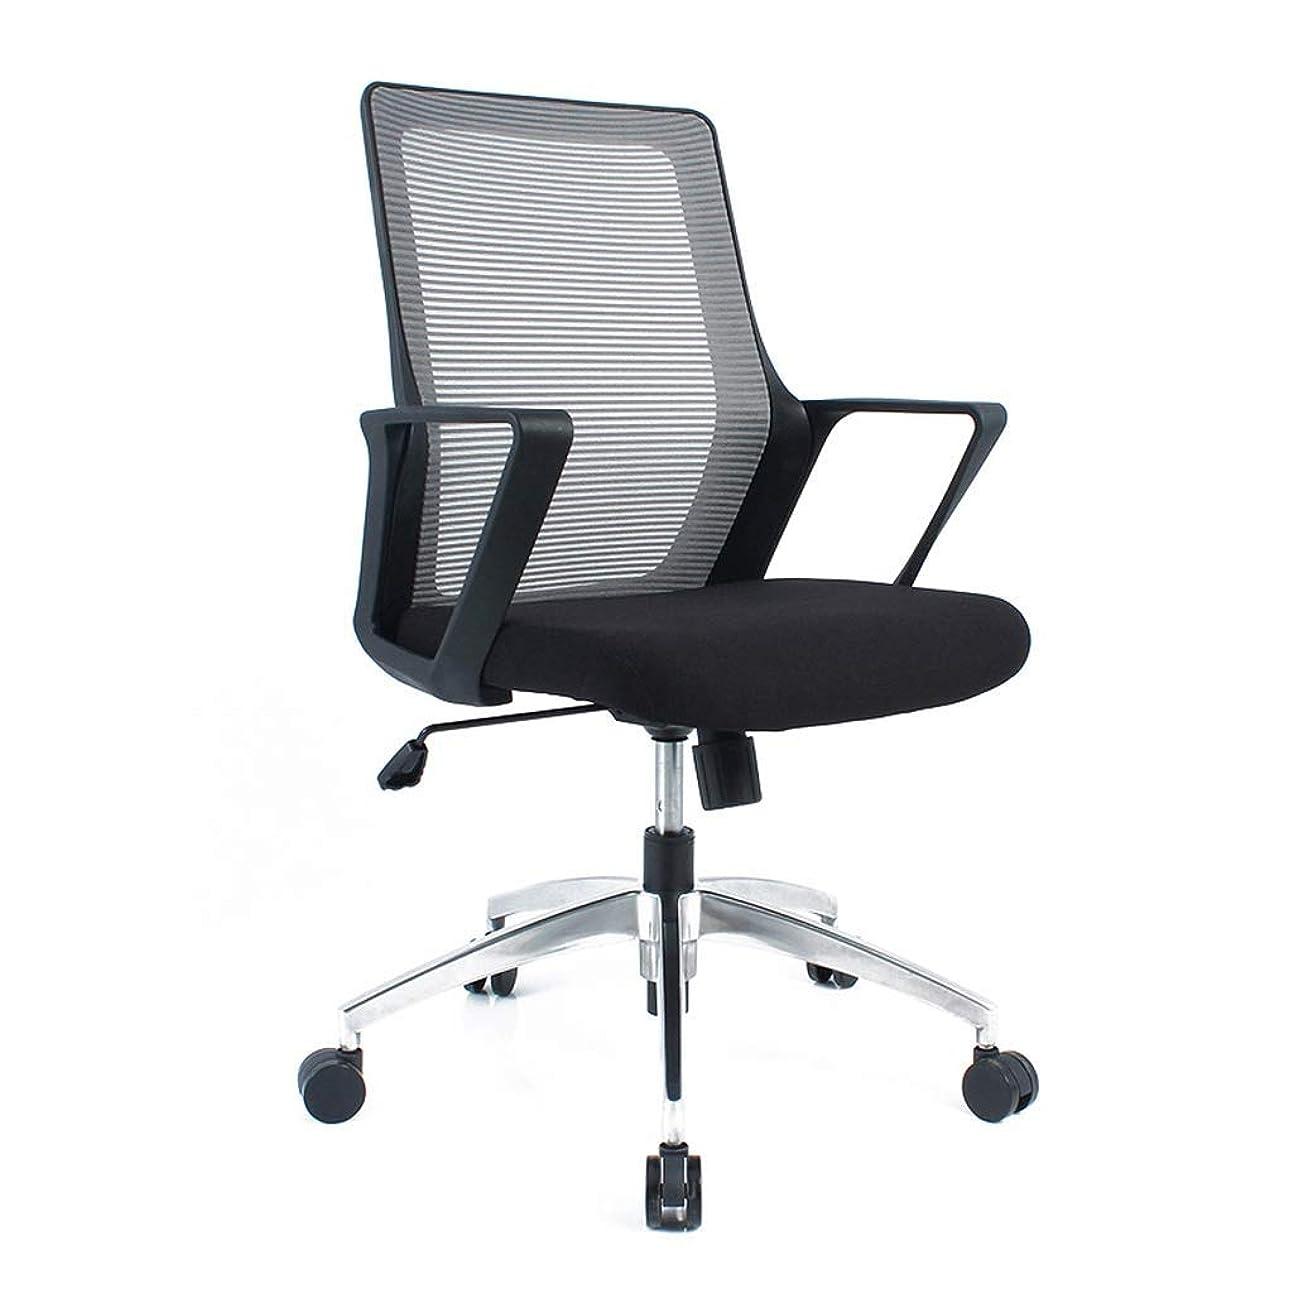 神経デンマーク語肩をすくめるオフィスチェアミドルバックウエストサポートデスクチェアコンピュータエルゴノミックメッシュチェアホームオフィスミーティングルーム肘掛け付 WXIFEID (Color : Black)